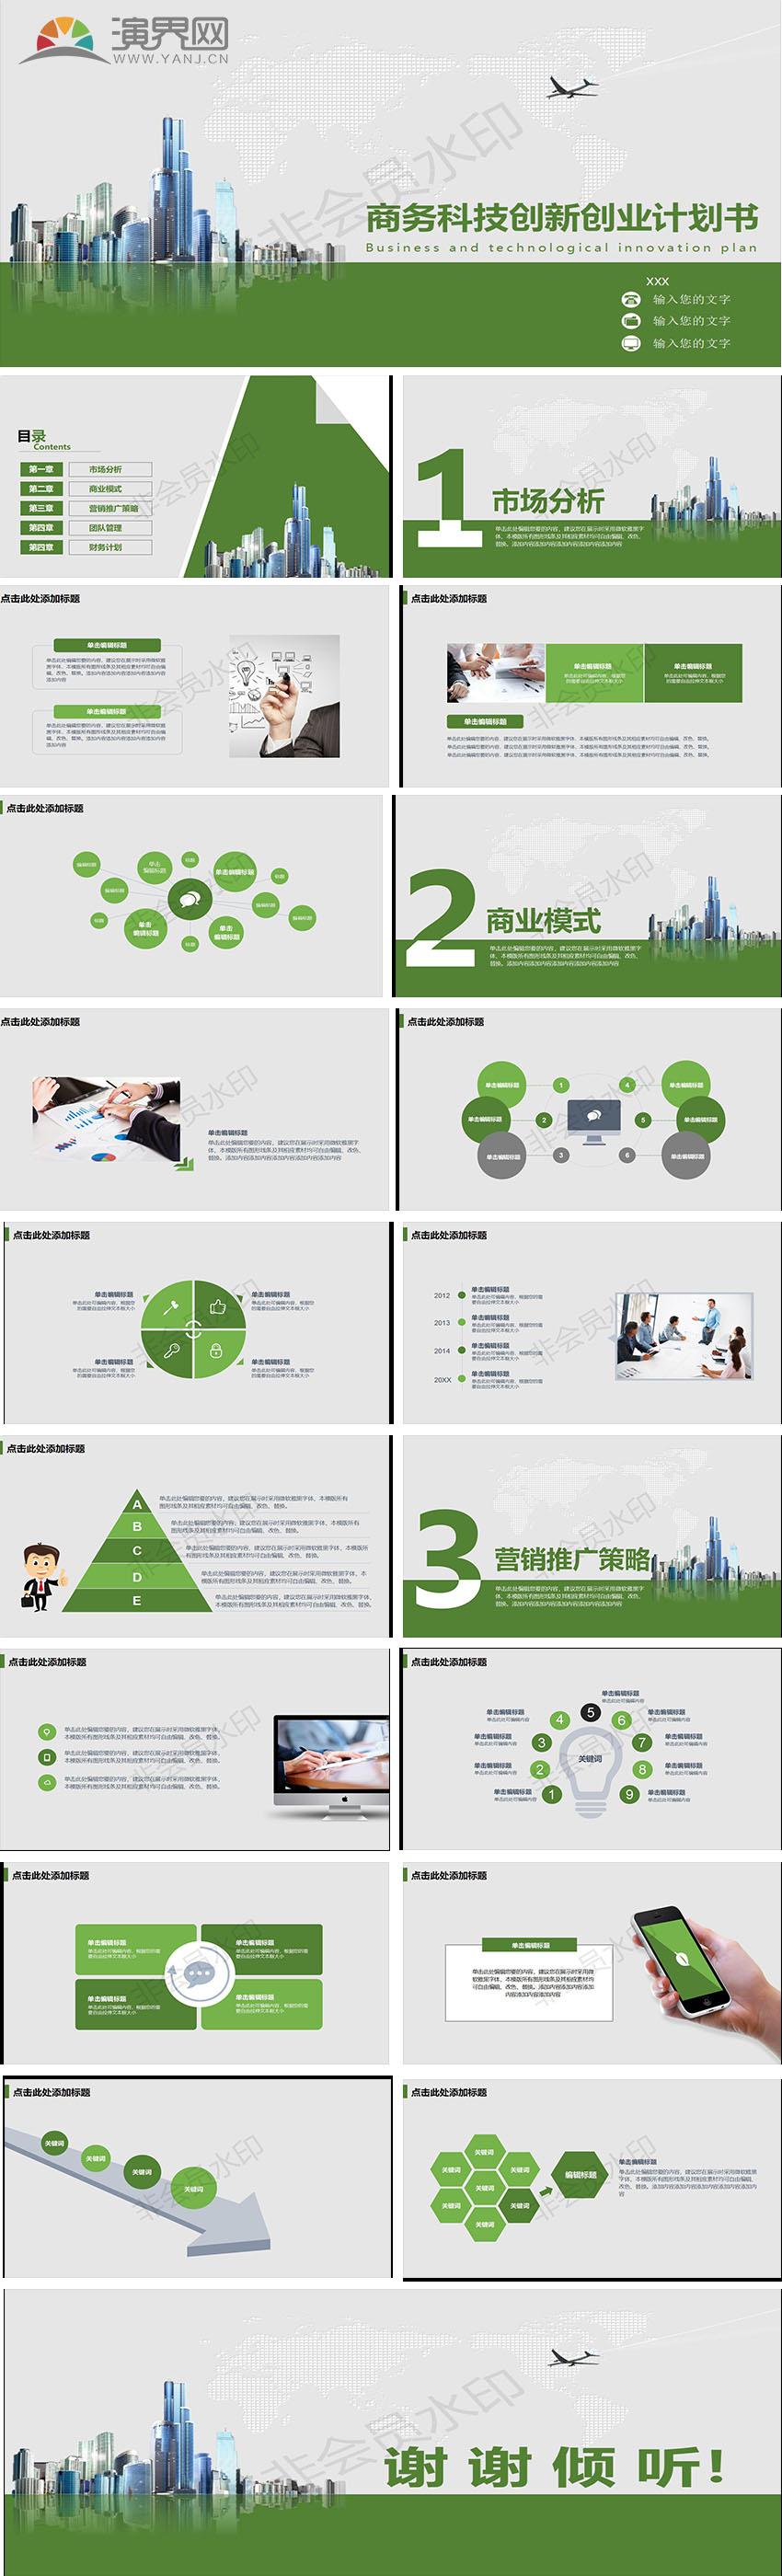 框架完整商务科技创新创业计划书PPT模板